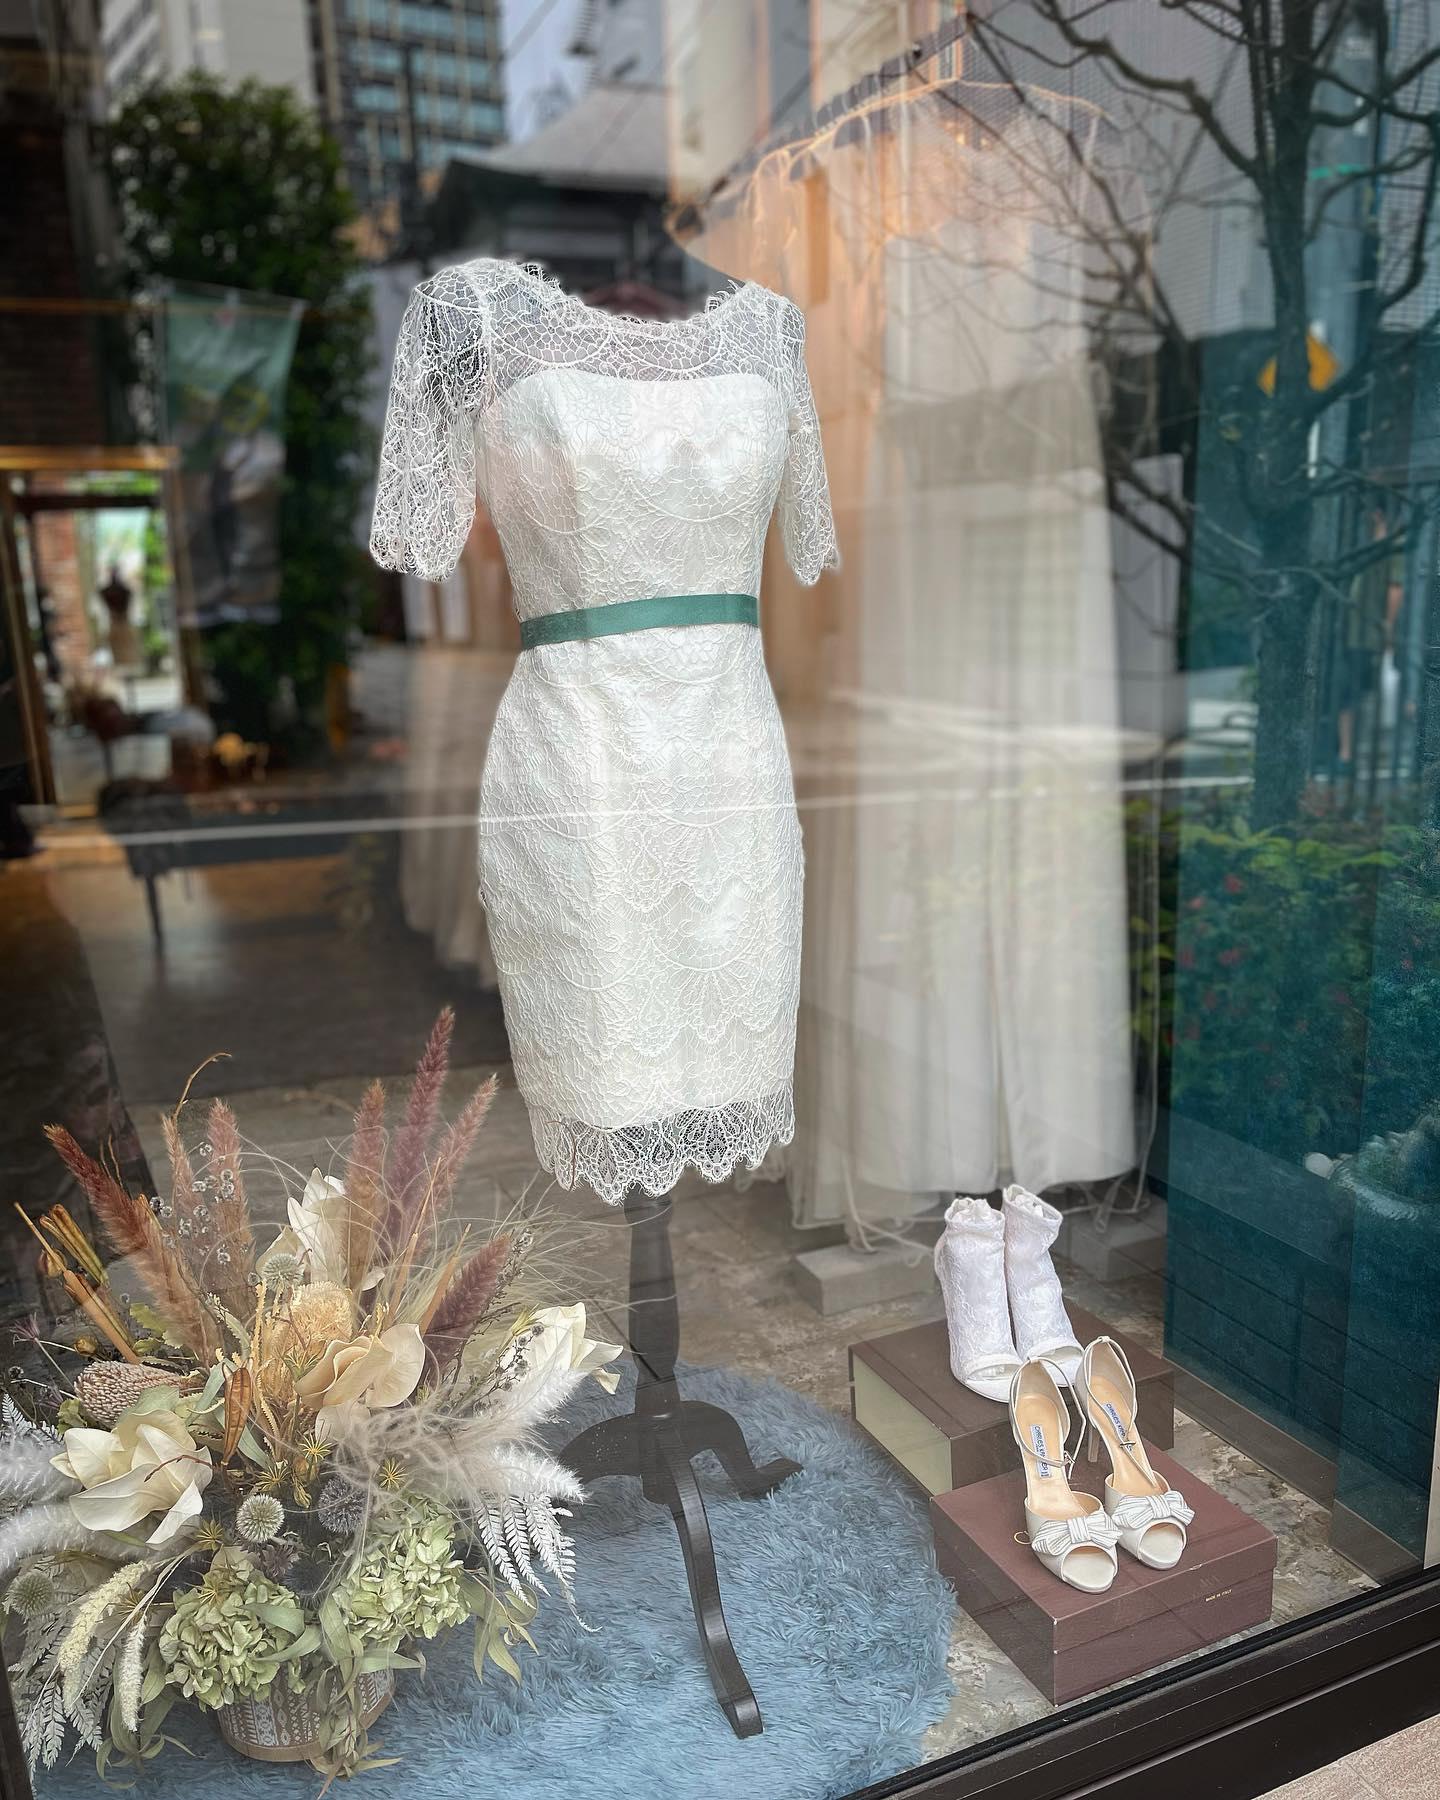 """・今日はショーウィンドウを#ミニドレス でコーディネート・Clarasのwedding shoesも一緒に・足元にもとことんこだわってもらいたいので1点物のセレクトシューズも取扱っています・ぜひ小物だけでも直接見にいらして下さい・mini dress""""FATALE""""¥140,000・#wedding #weddingdress #claras #paris #vowrenewal #aoyama #spur #spurwedding #tiffany#ウェディングドレス #プレ花嫁 #ドレス試着 #2021夏婚 #2021冬婚 #ヘアメイク #結婚式  #ドレス選び #前撮り #後撮り #フォトウェディング #ウェディングヘア  #フォト婚 #前撮り写真 #ブライダルフォト #カップルフォト #ウェディングドレス探し #ウェディングドレス試着 #レンタルドレス #ドレスショップ"""